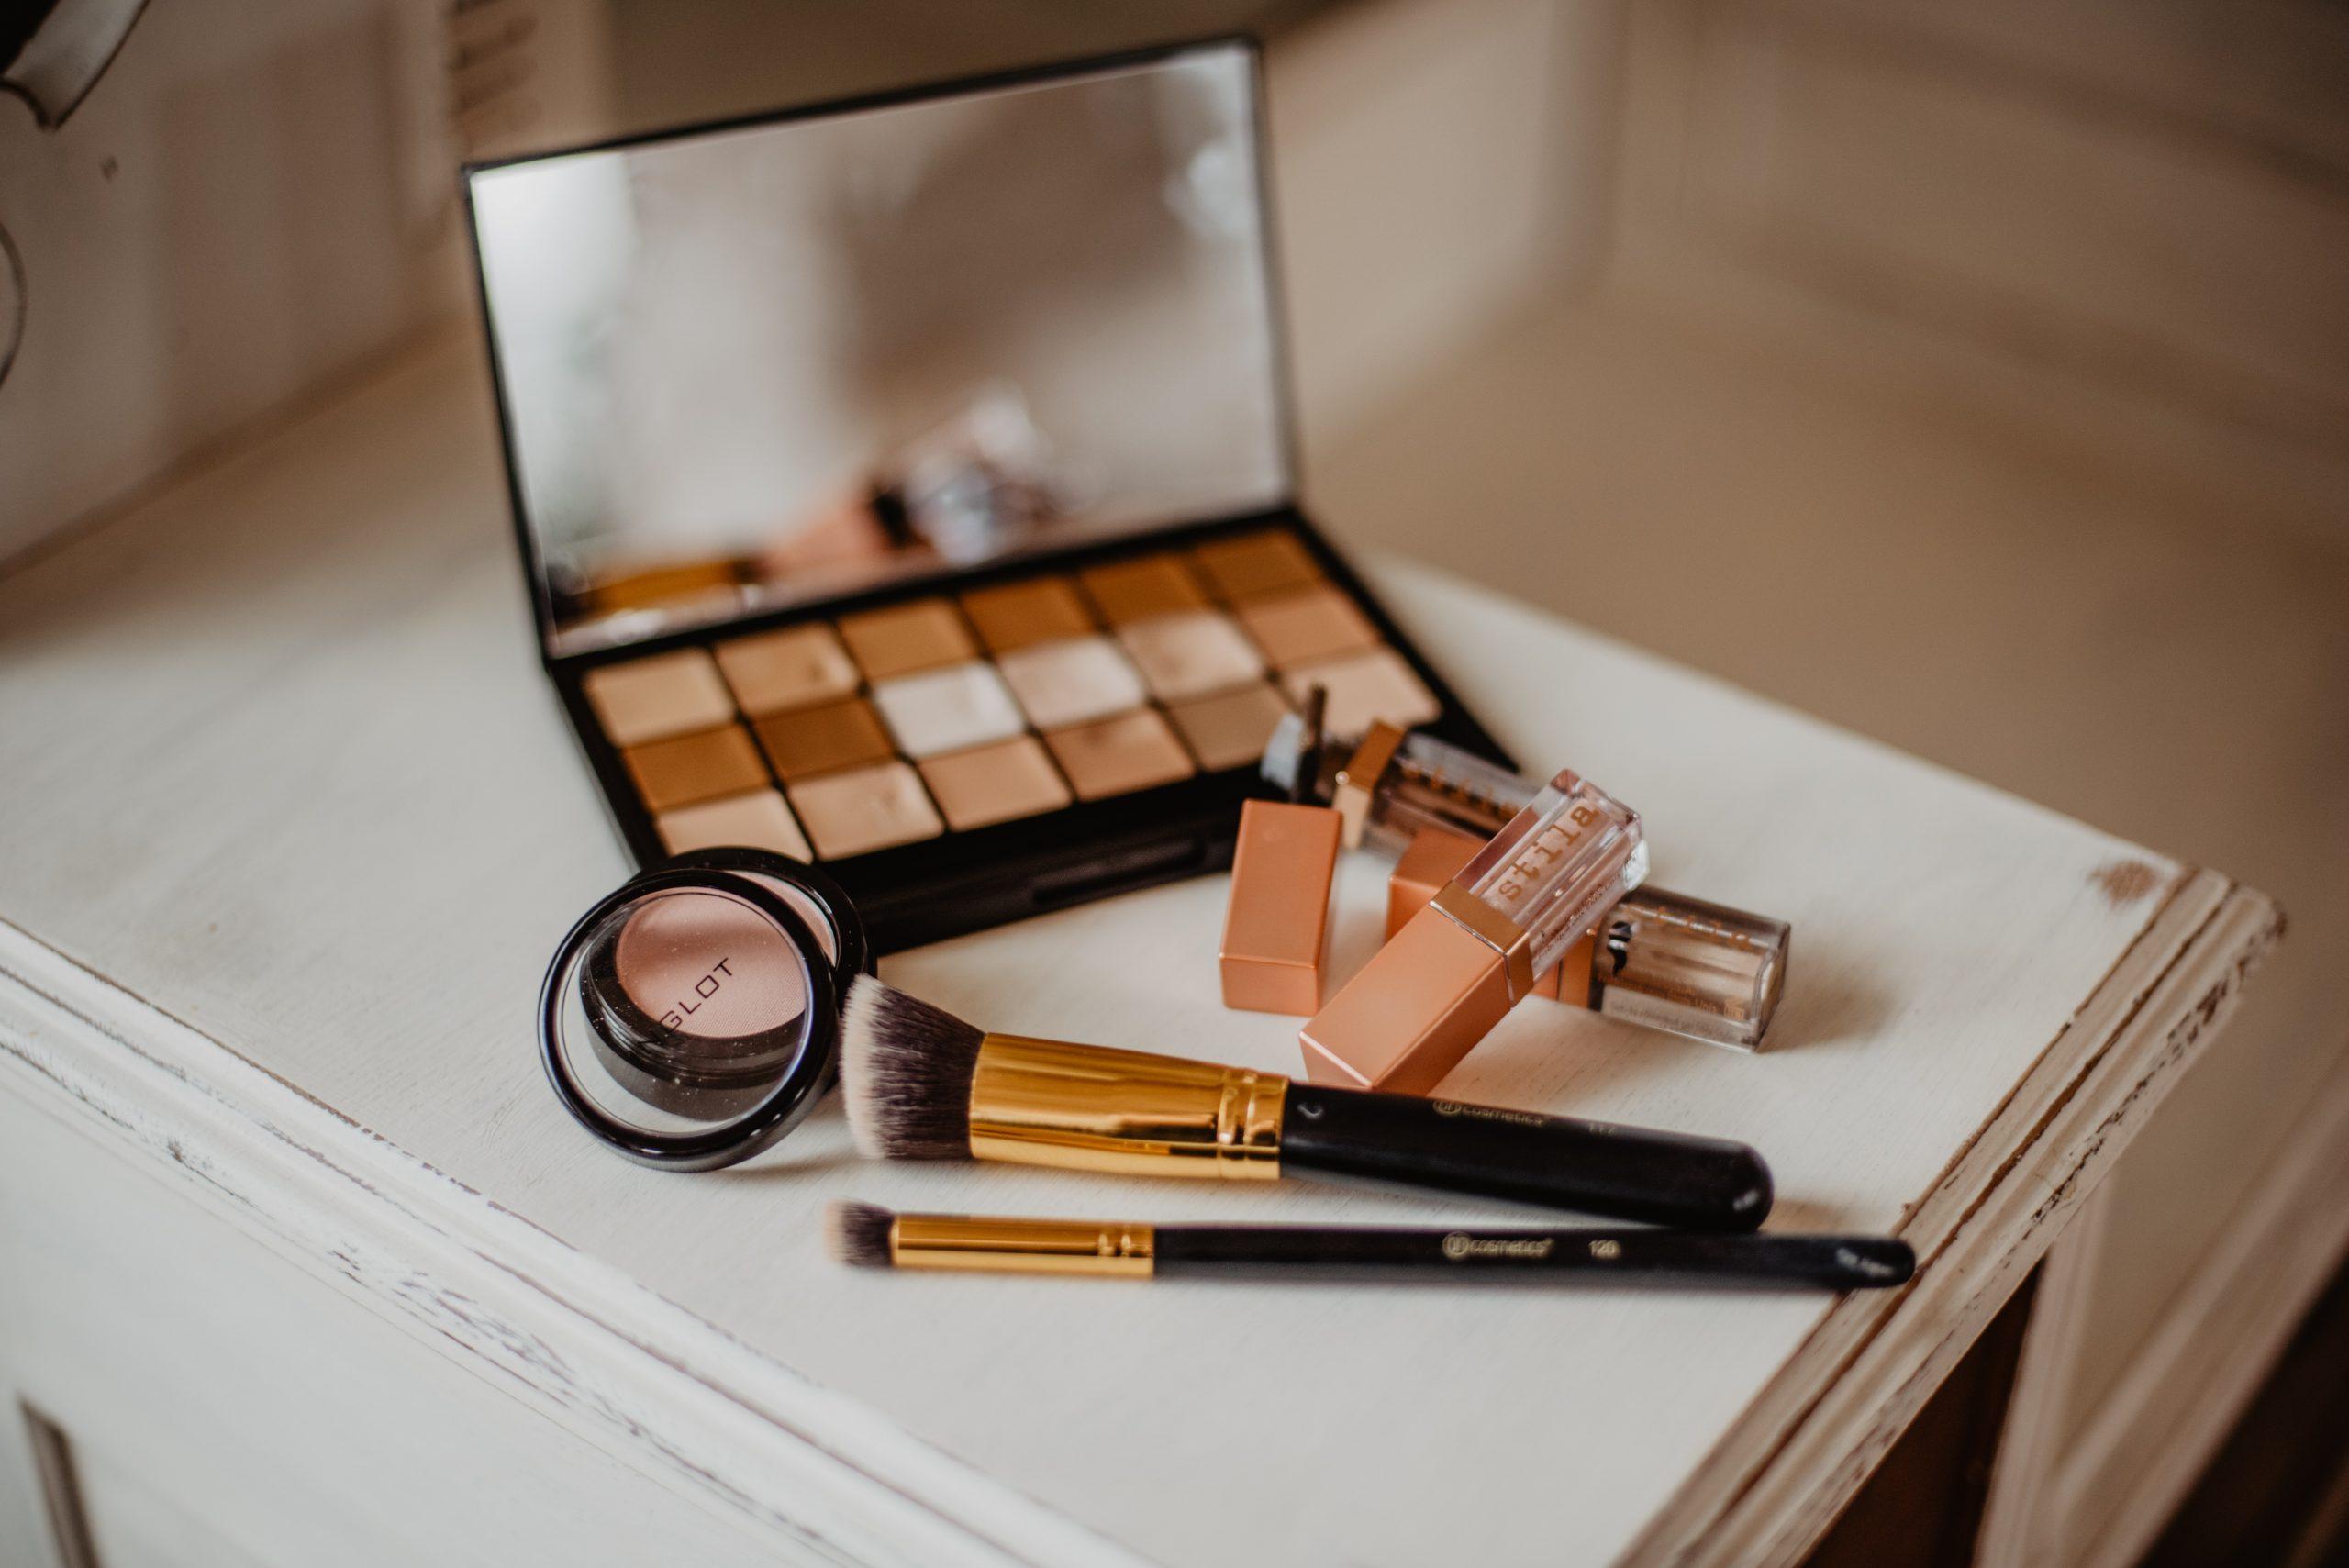 Estudio demuestra que el maquillaje que usas está contaminado con superbacterias